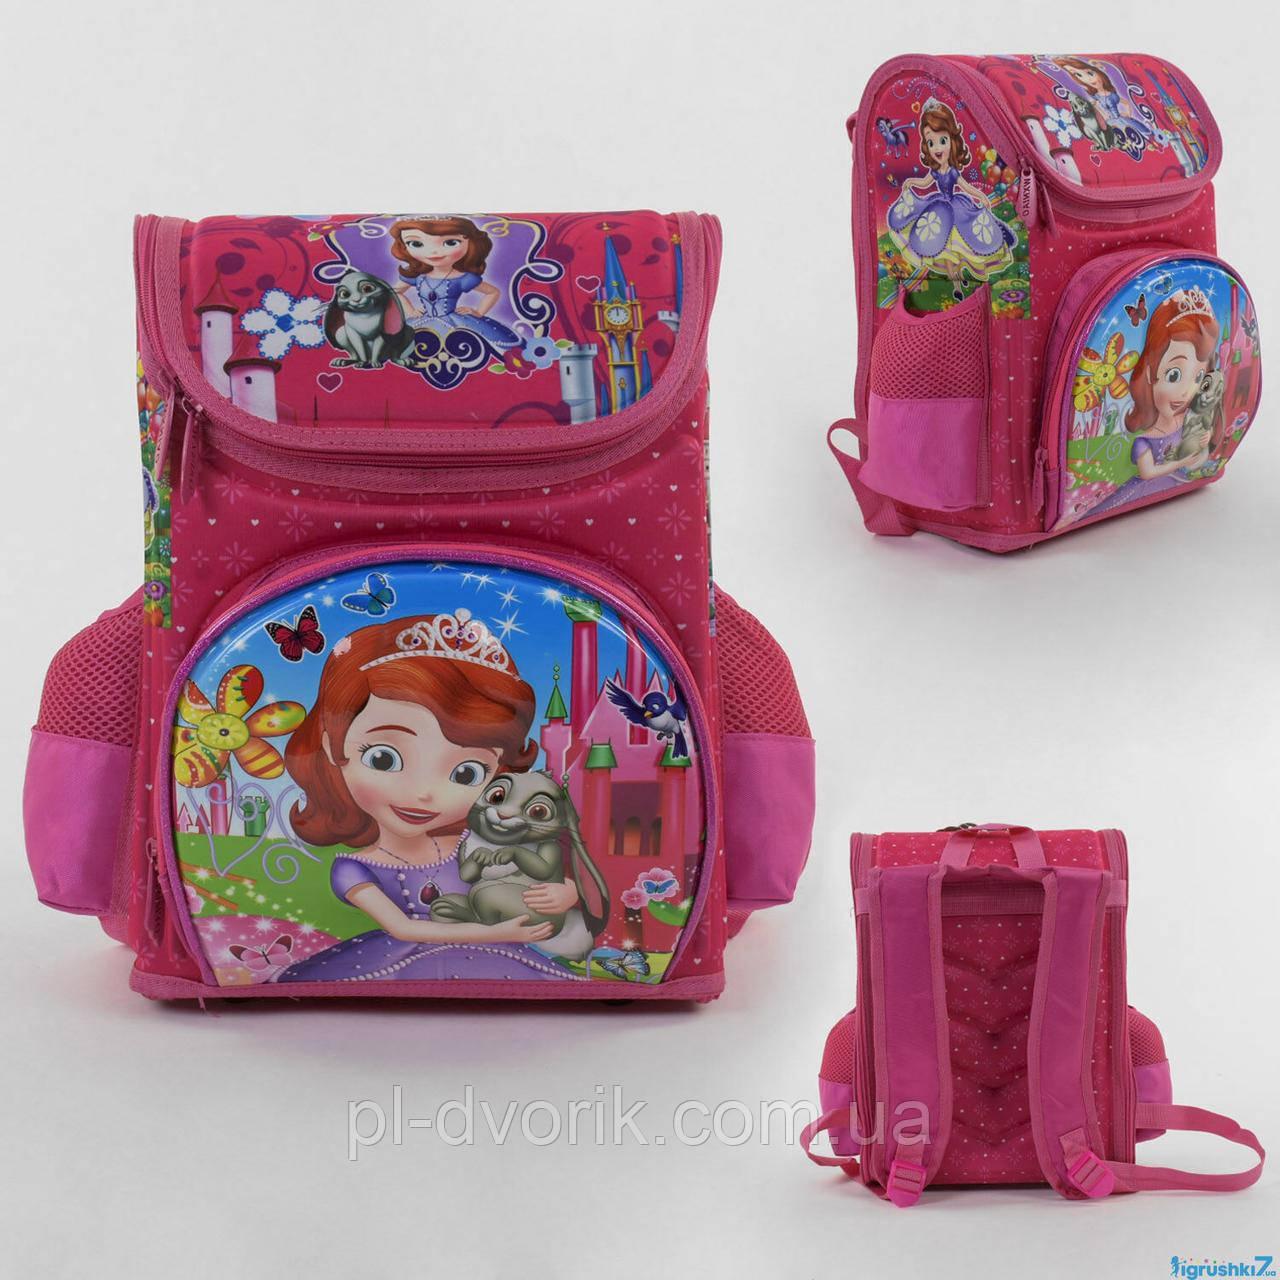 Рюкзак школьный каркасный  софияС 43557 (36) 3D принт, 1 отделение, 3 кармана, ортопедическая спинка, в пакете